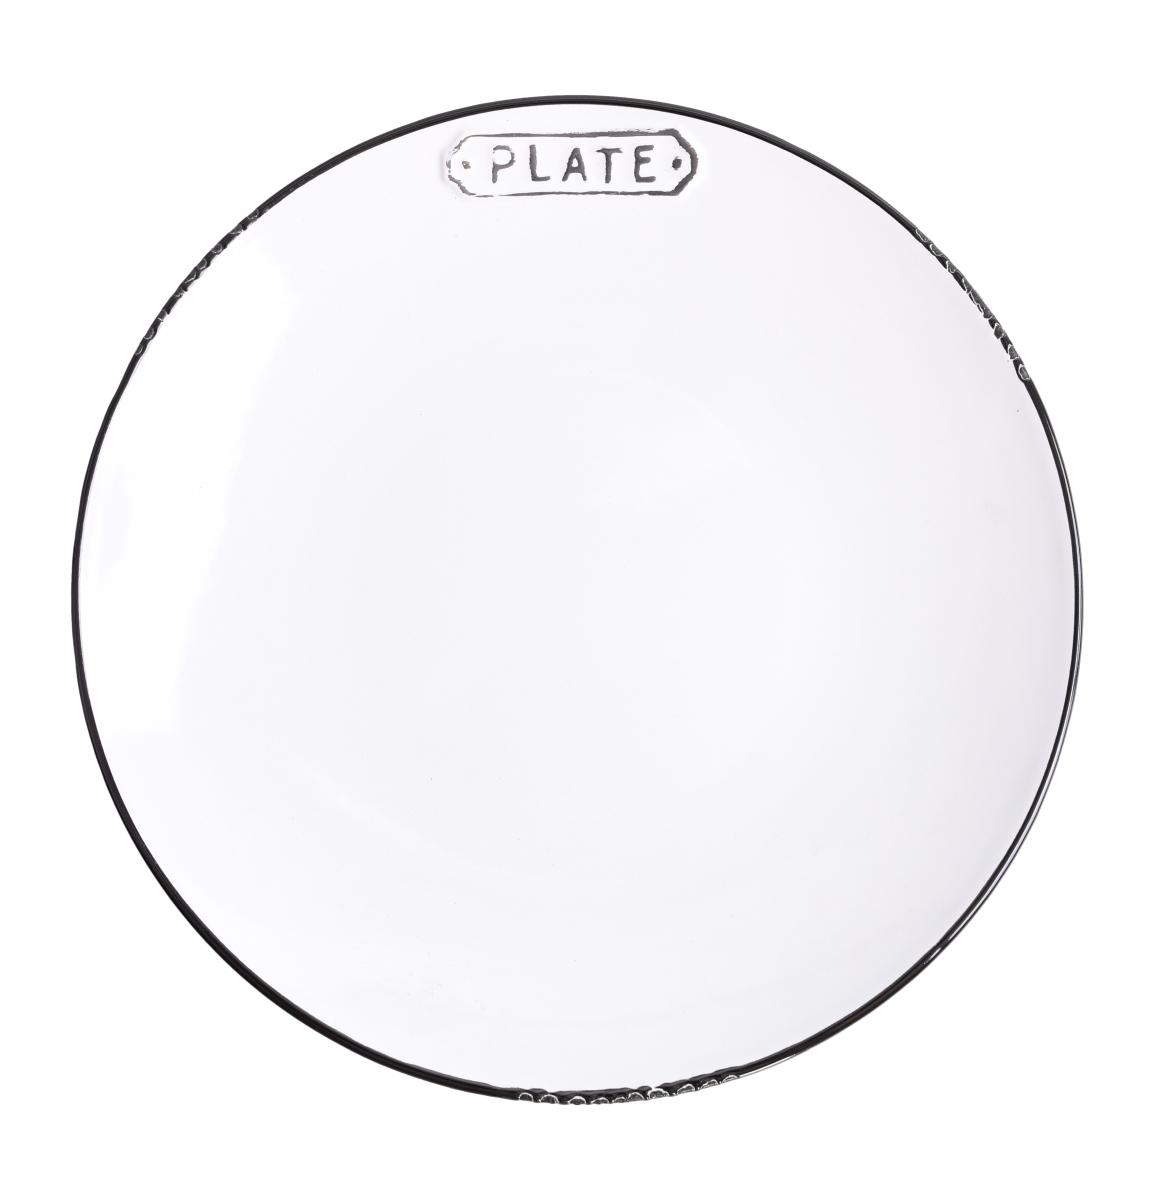 Servírovací talíř PLATE  průměr 19,5 cm